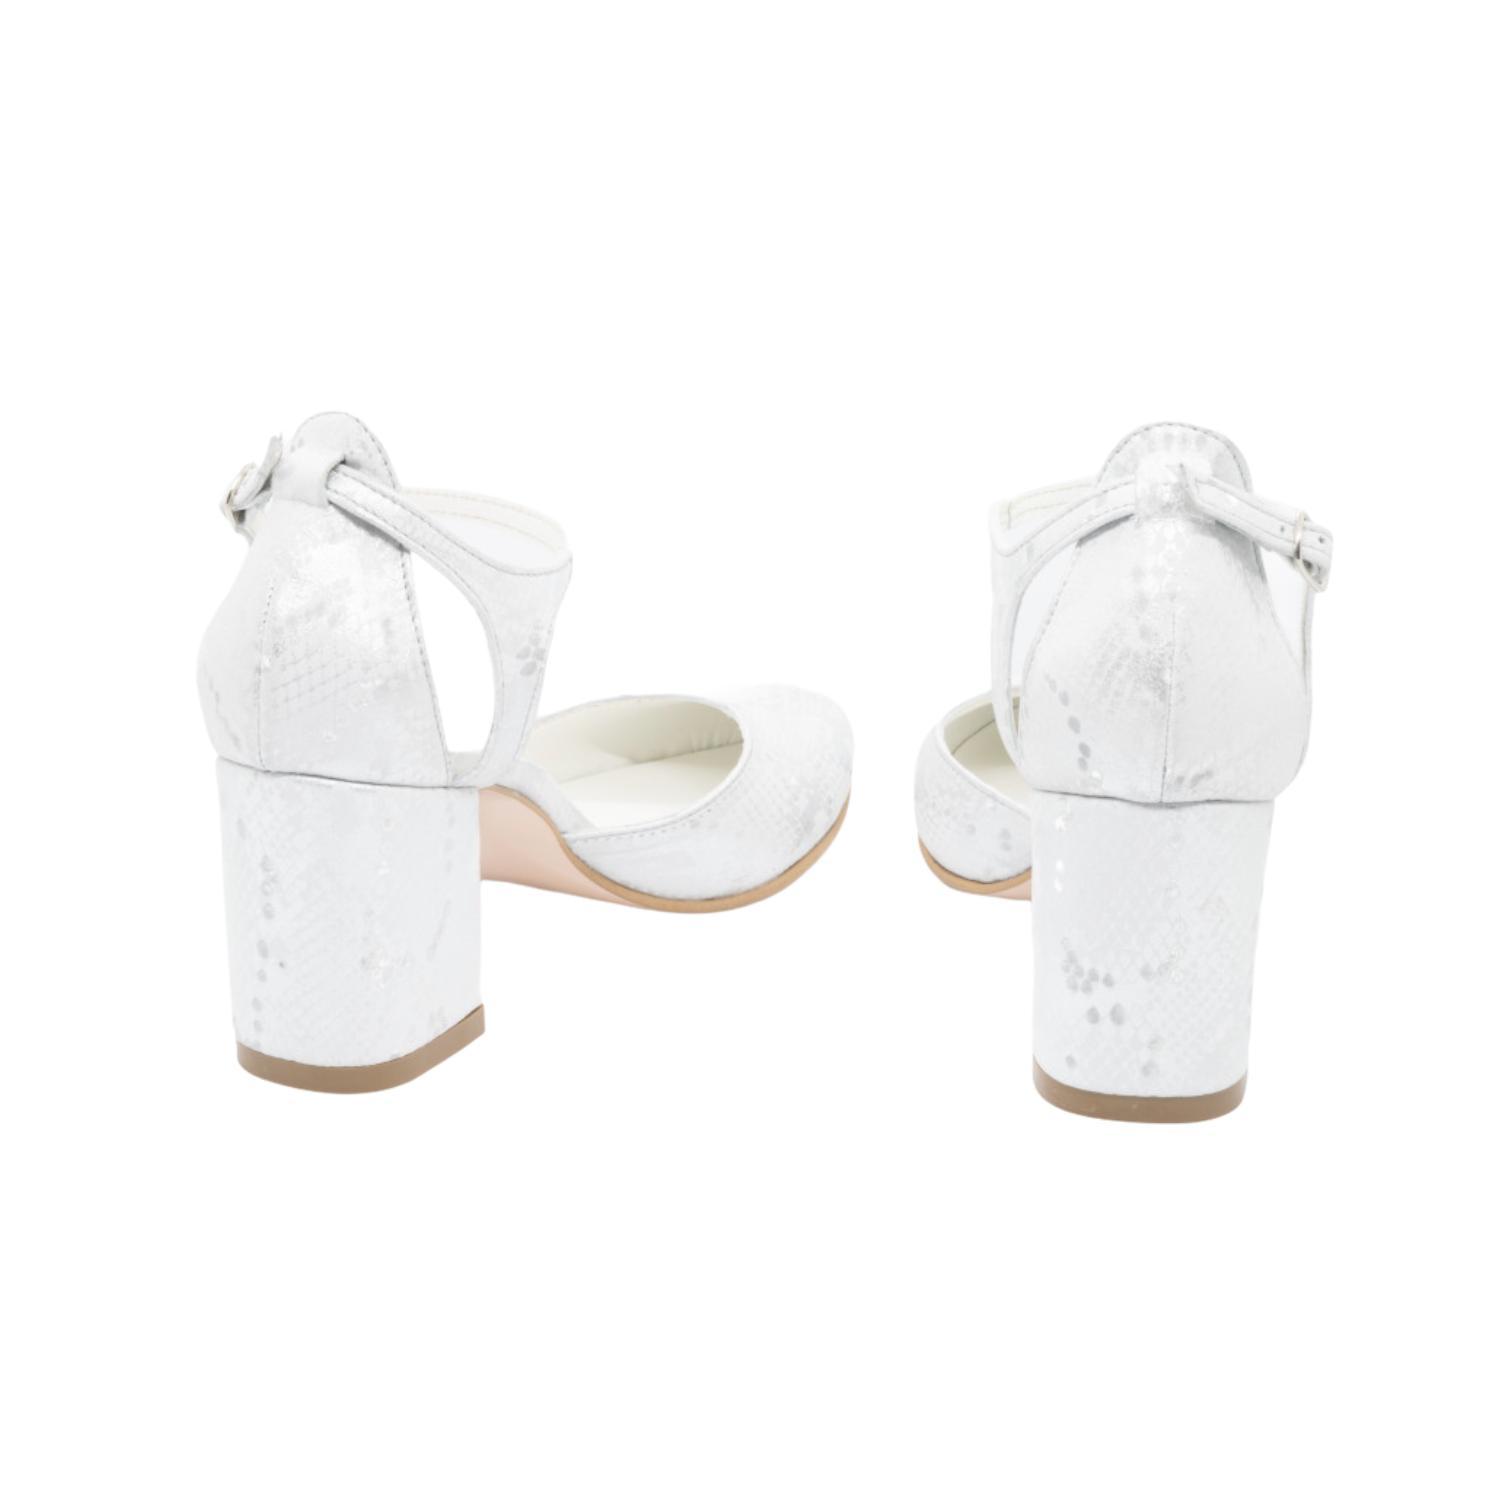 Pantofi decupati argintii cu imprimeu